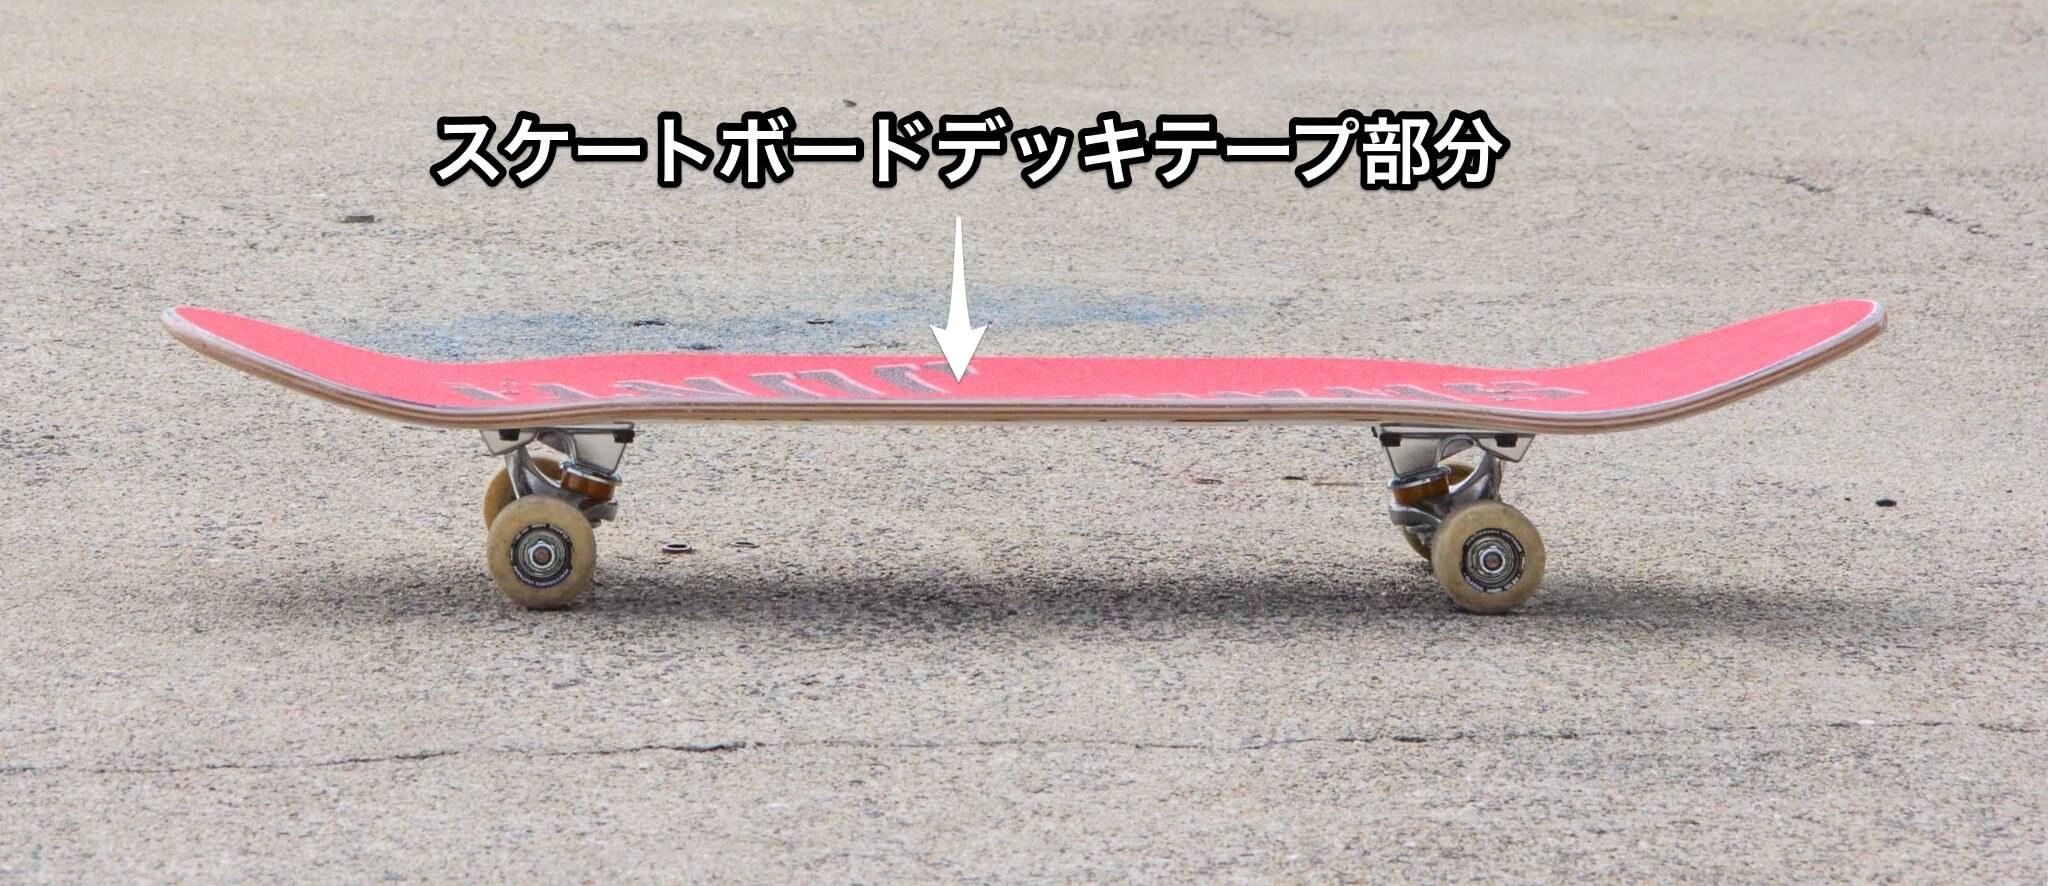 スケートボードのデッキテープ部分の写真